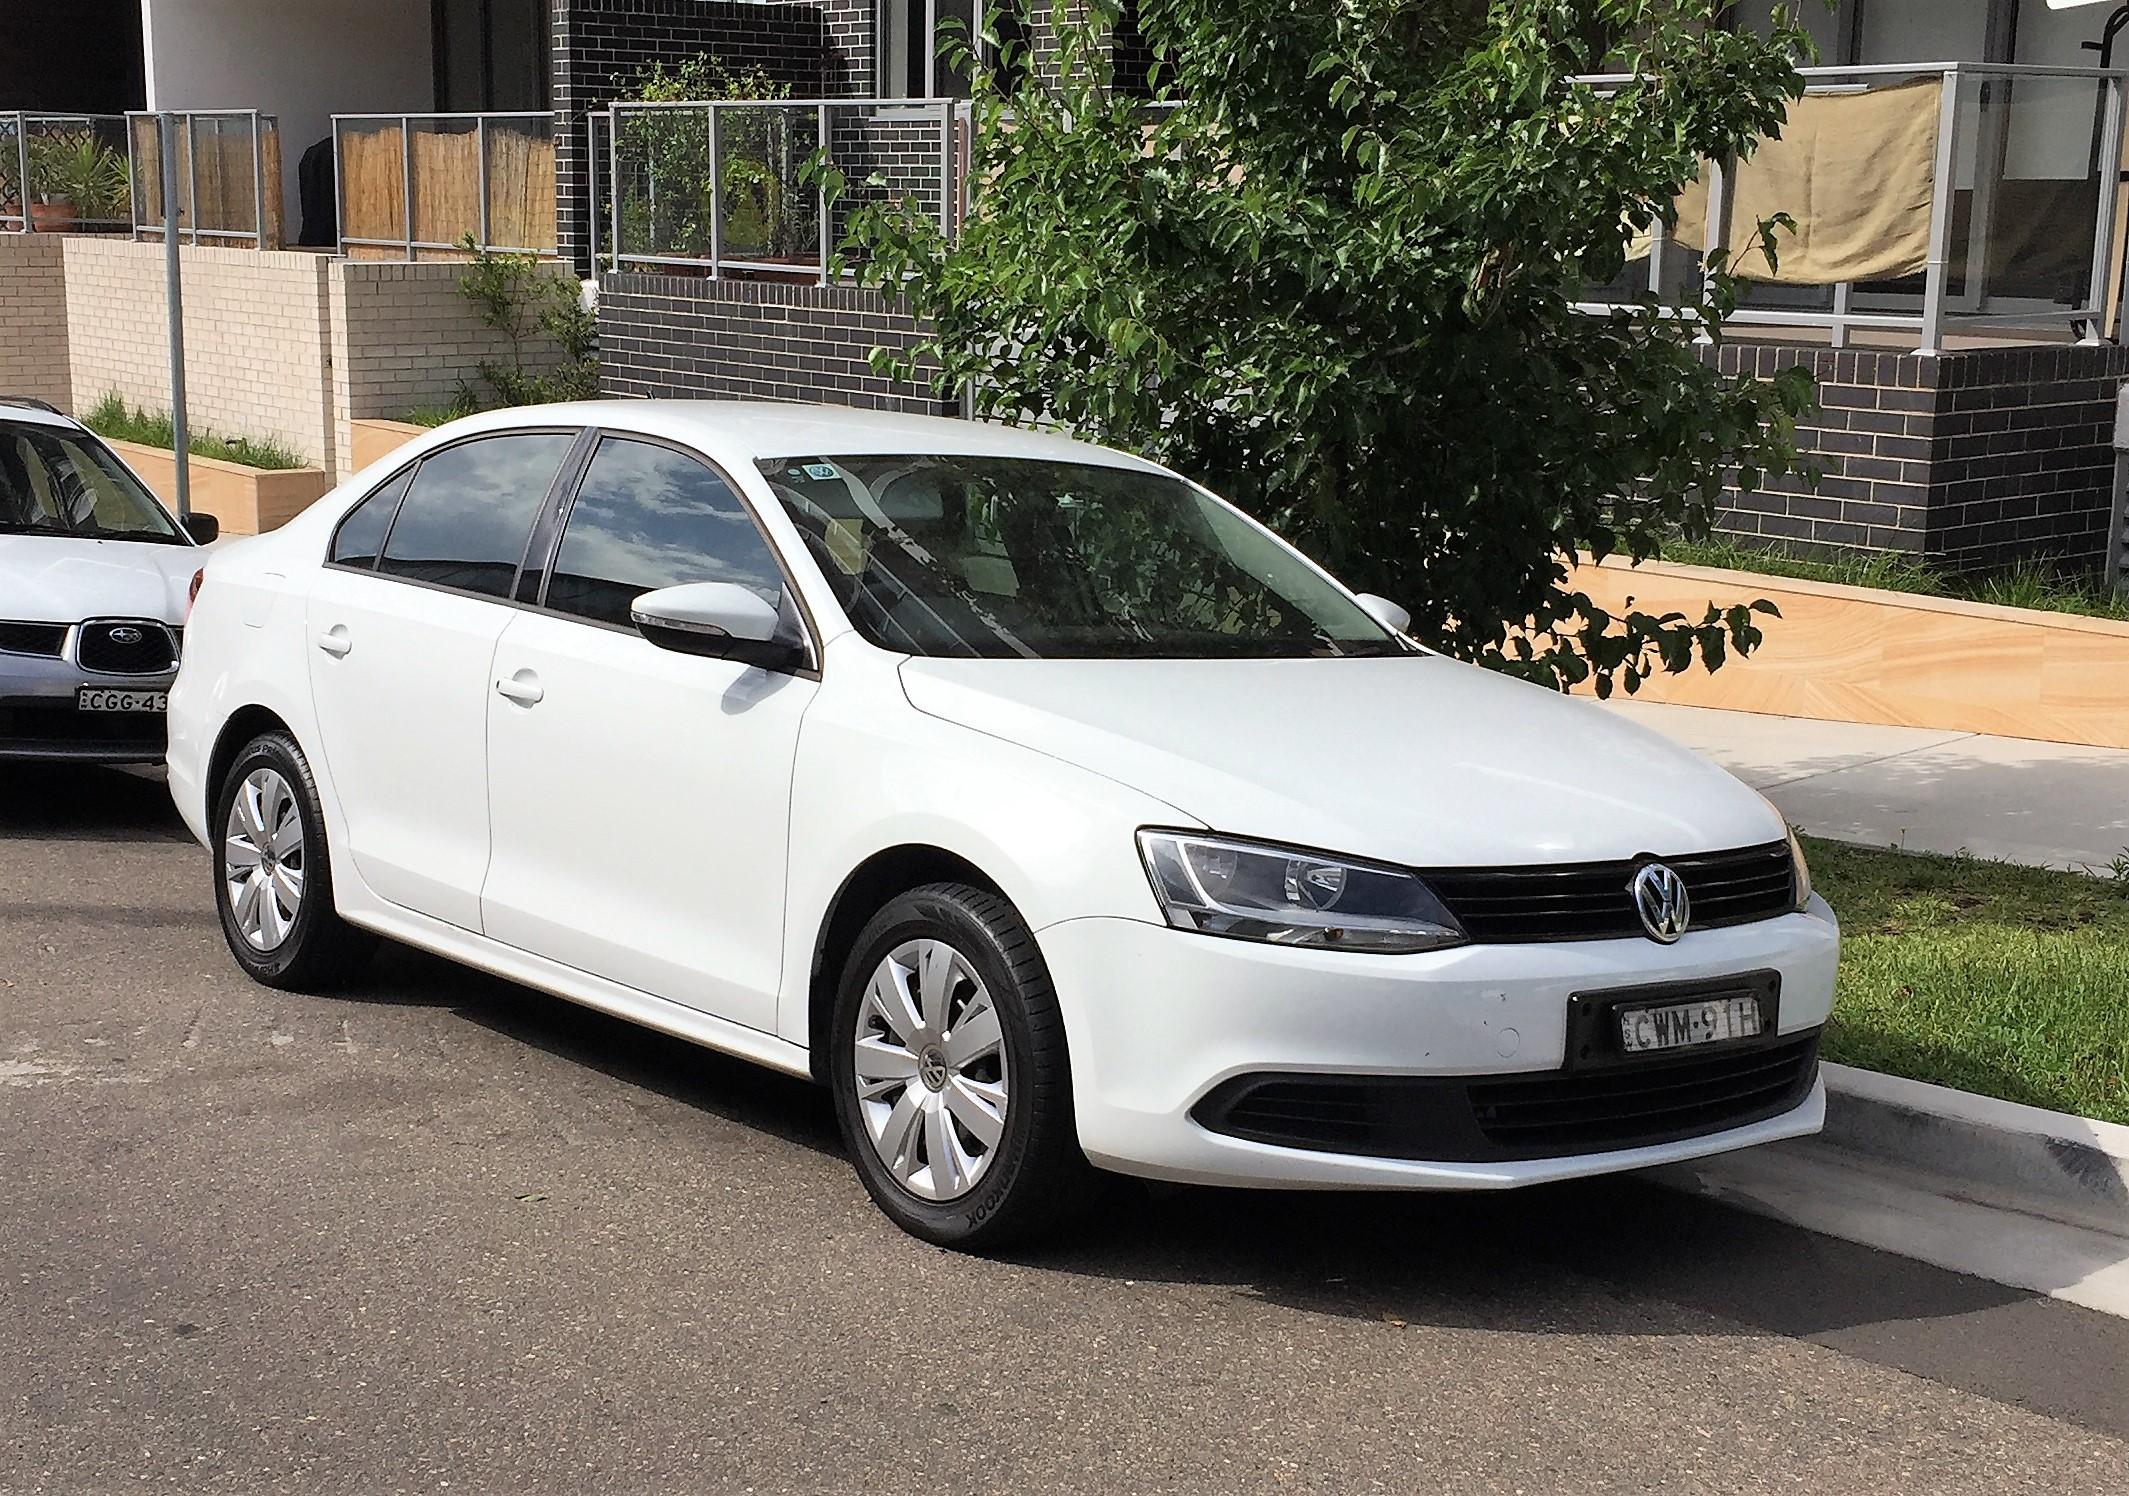 Picture of WENJIE's 2014 Volkswagen Jetta